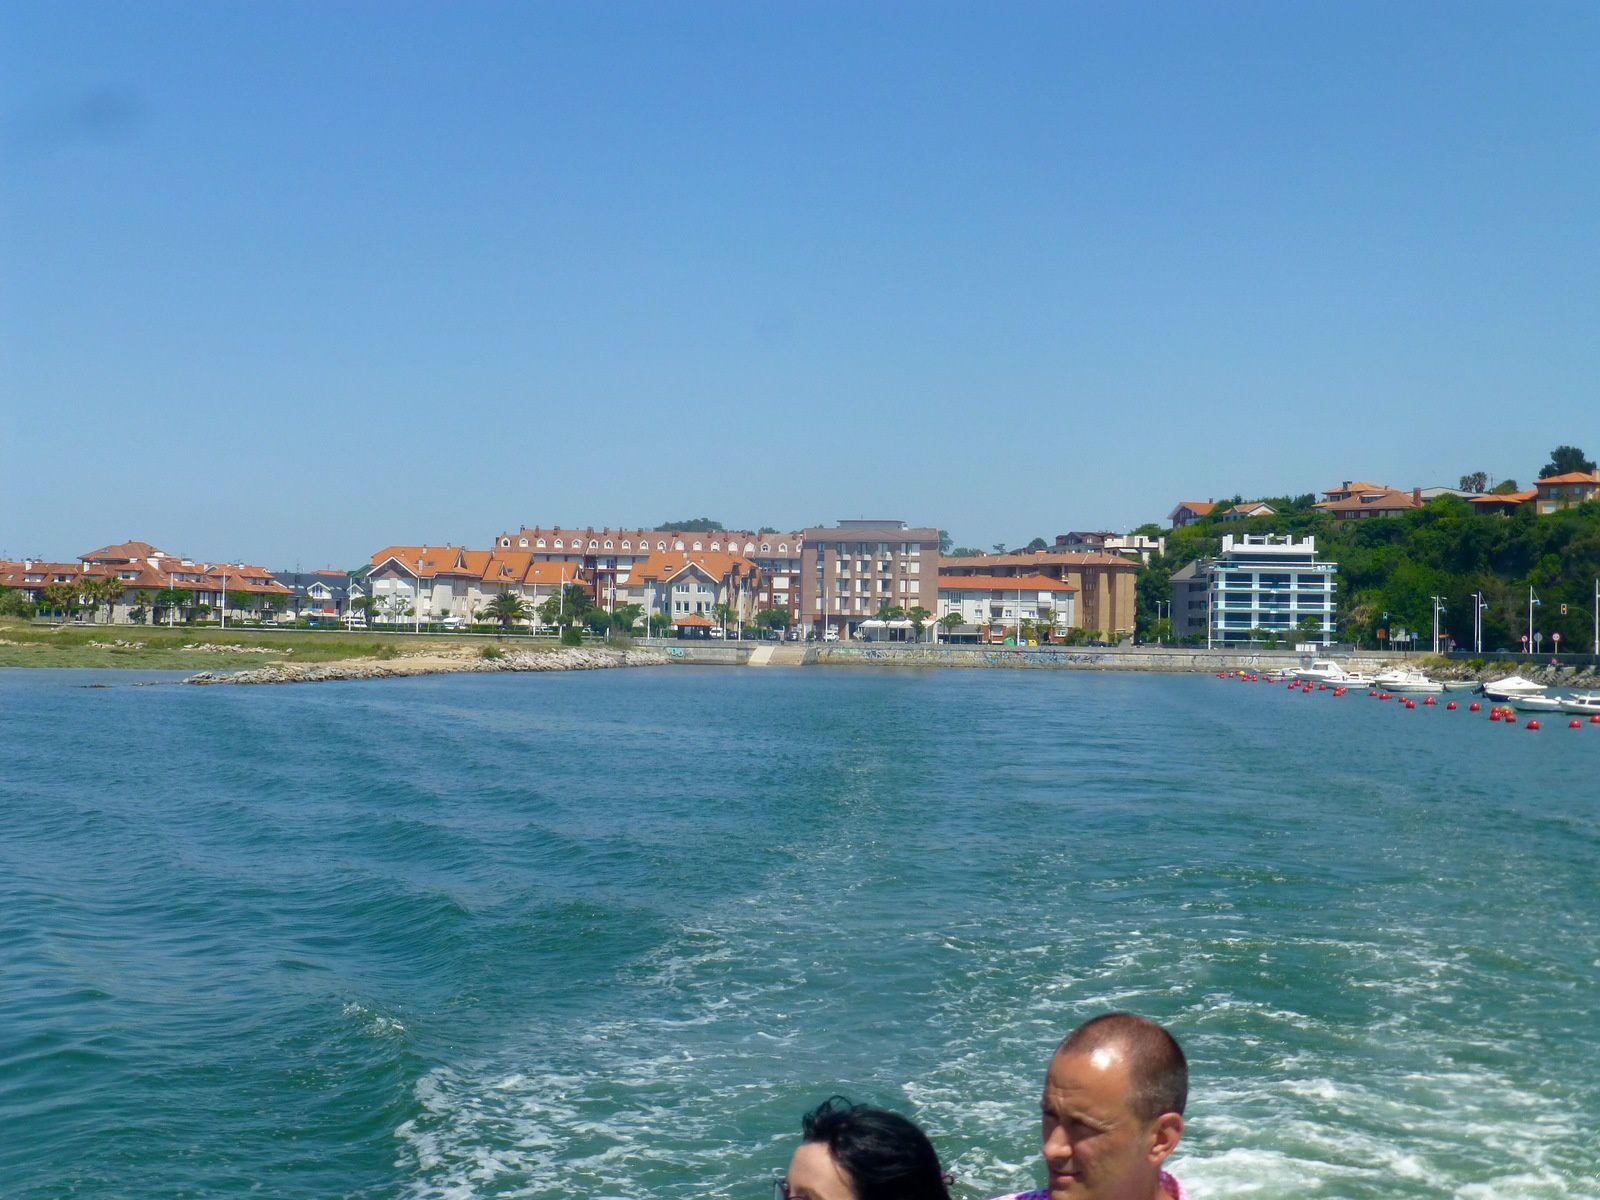 Une belle et chaude journée d'été récompensée par de belles choses croisées comme ce pont médiéval, ces belles plages et l'arrivée par la mer comme les pèlerins d'autrefois à Santander